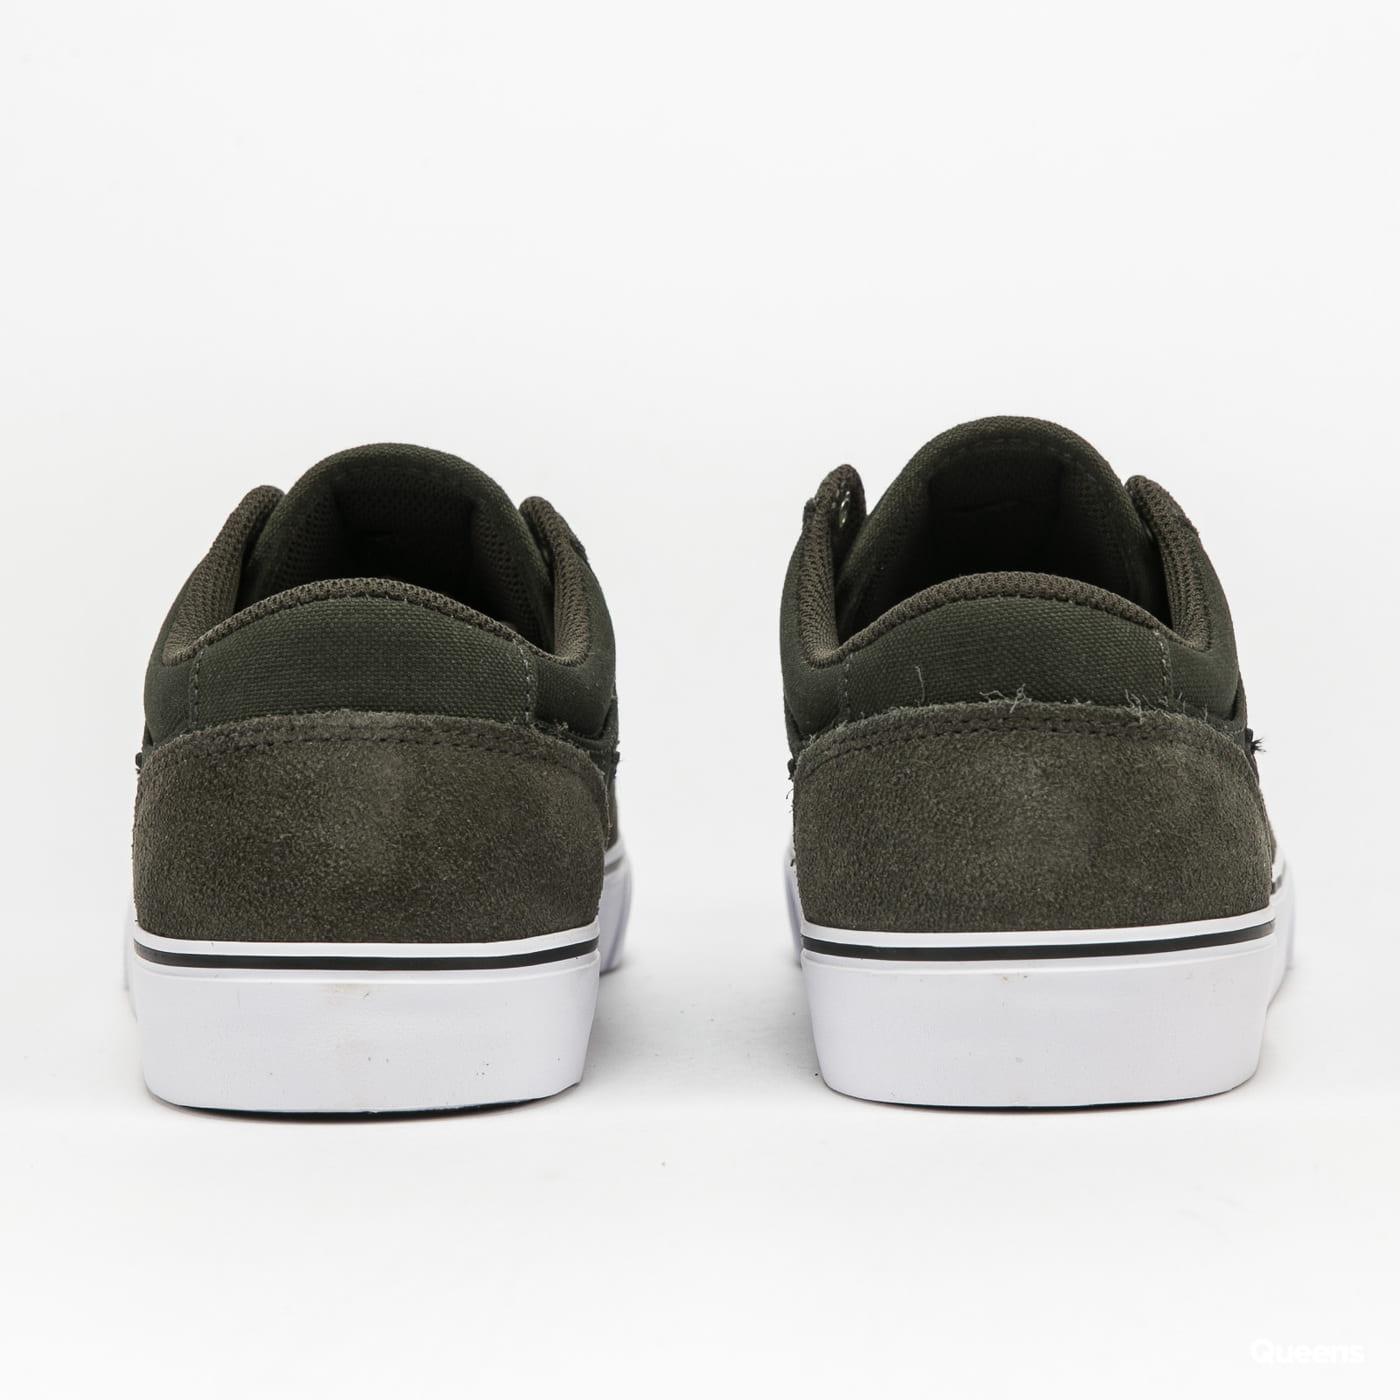 Nike SB Chron 2 sequioa / black - sequoia - white